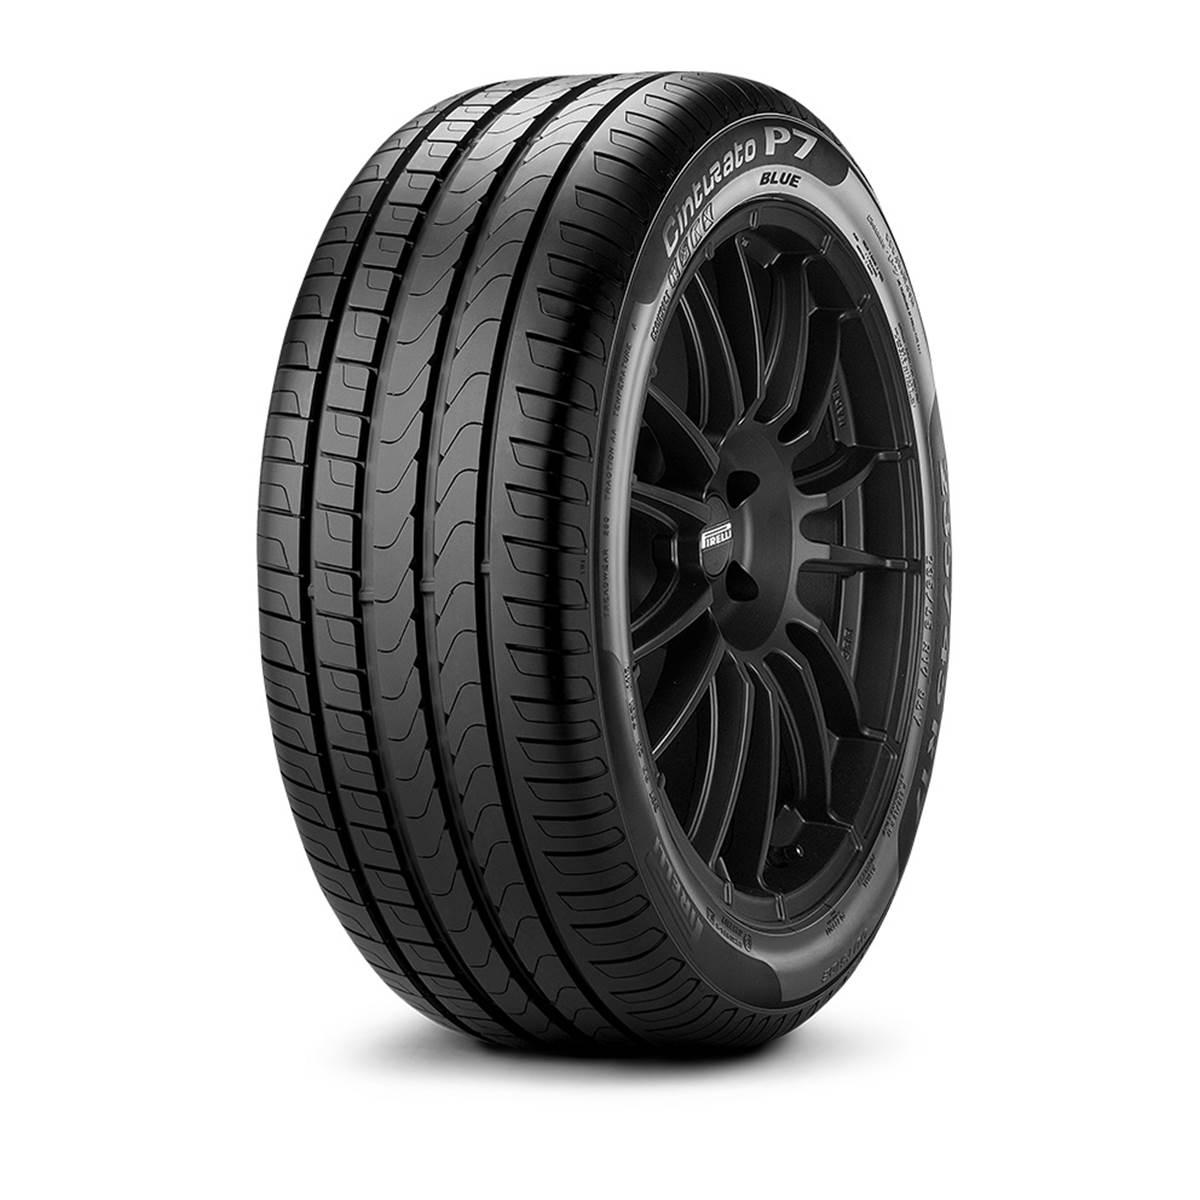 Pneu Pirelli 205/50R17 93W Cinturato P7 Blue